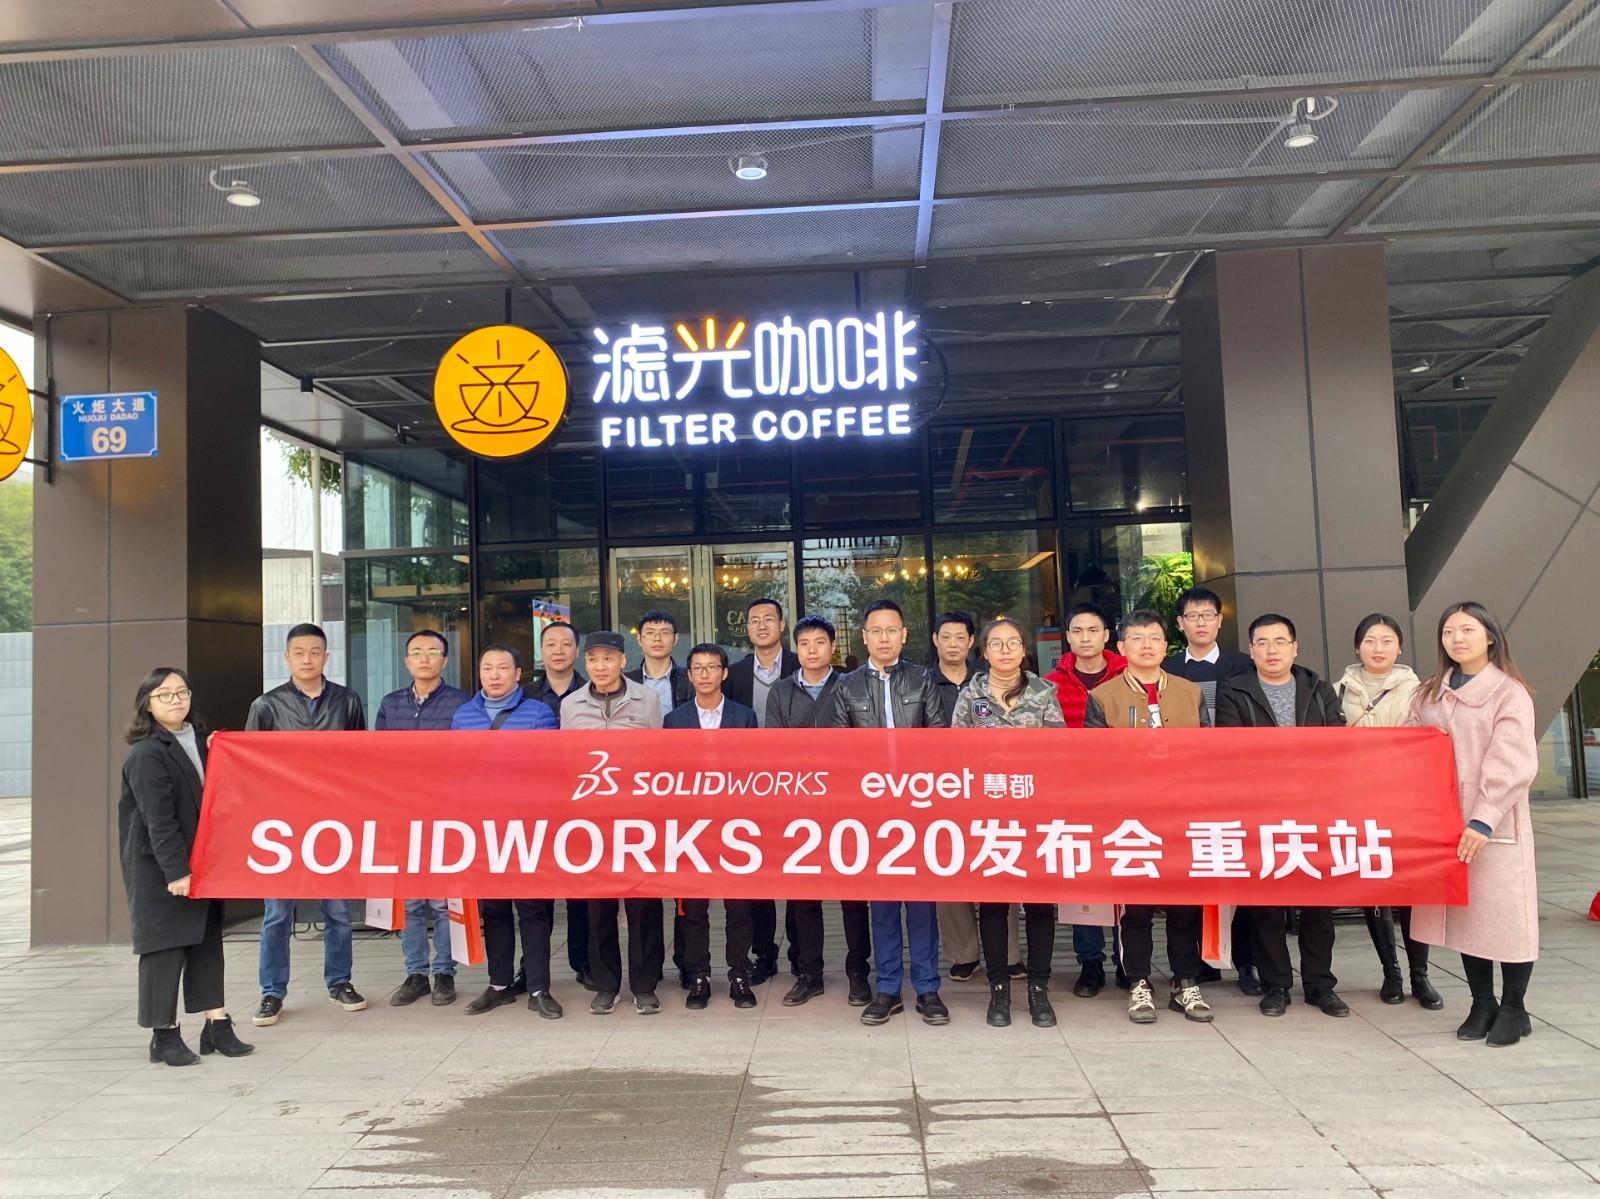 慧都3D设计|达索SOLIDWORKS 2020发布会重庆站完美收官!